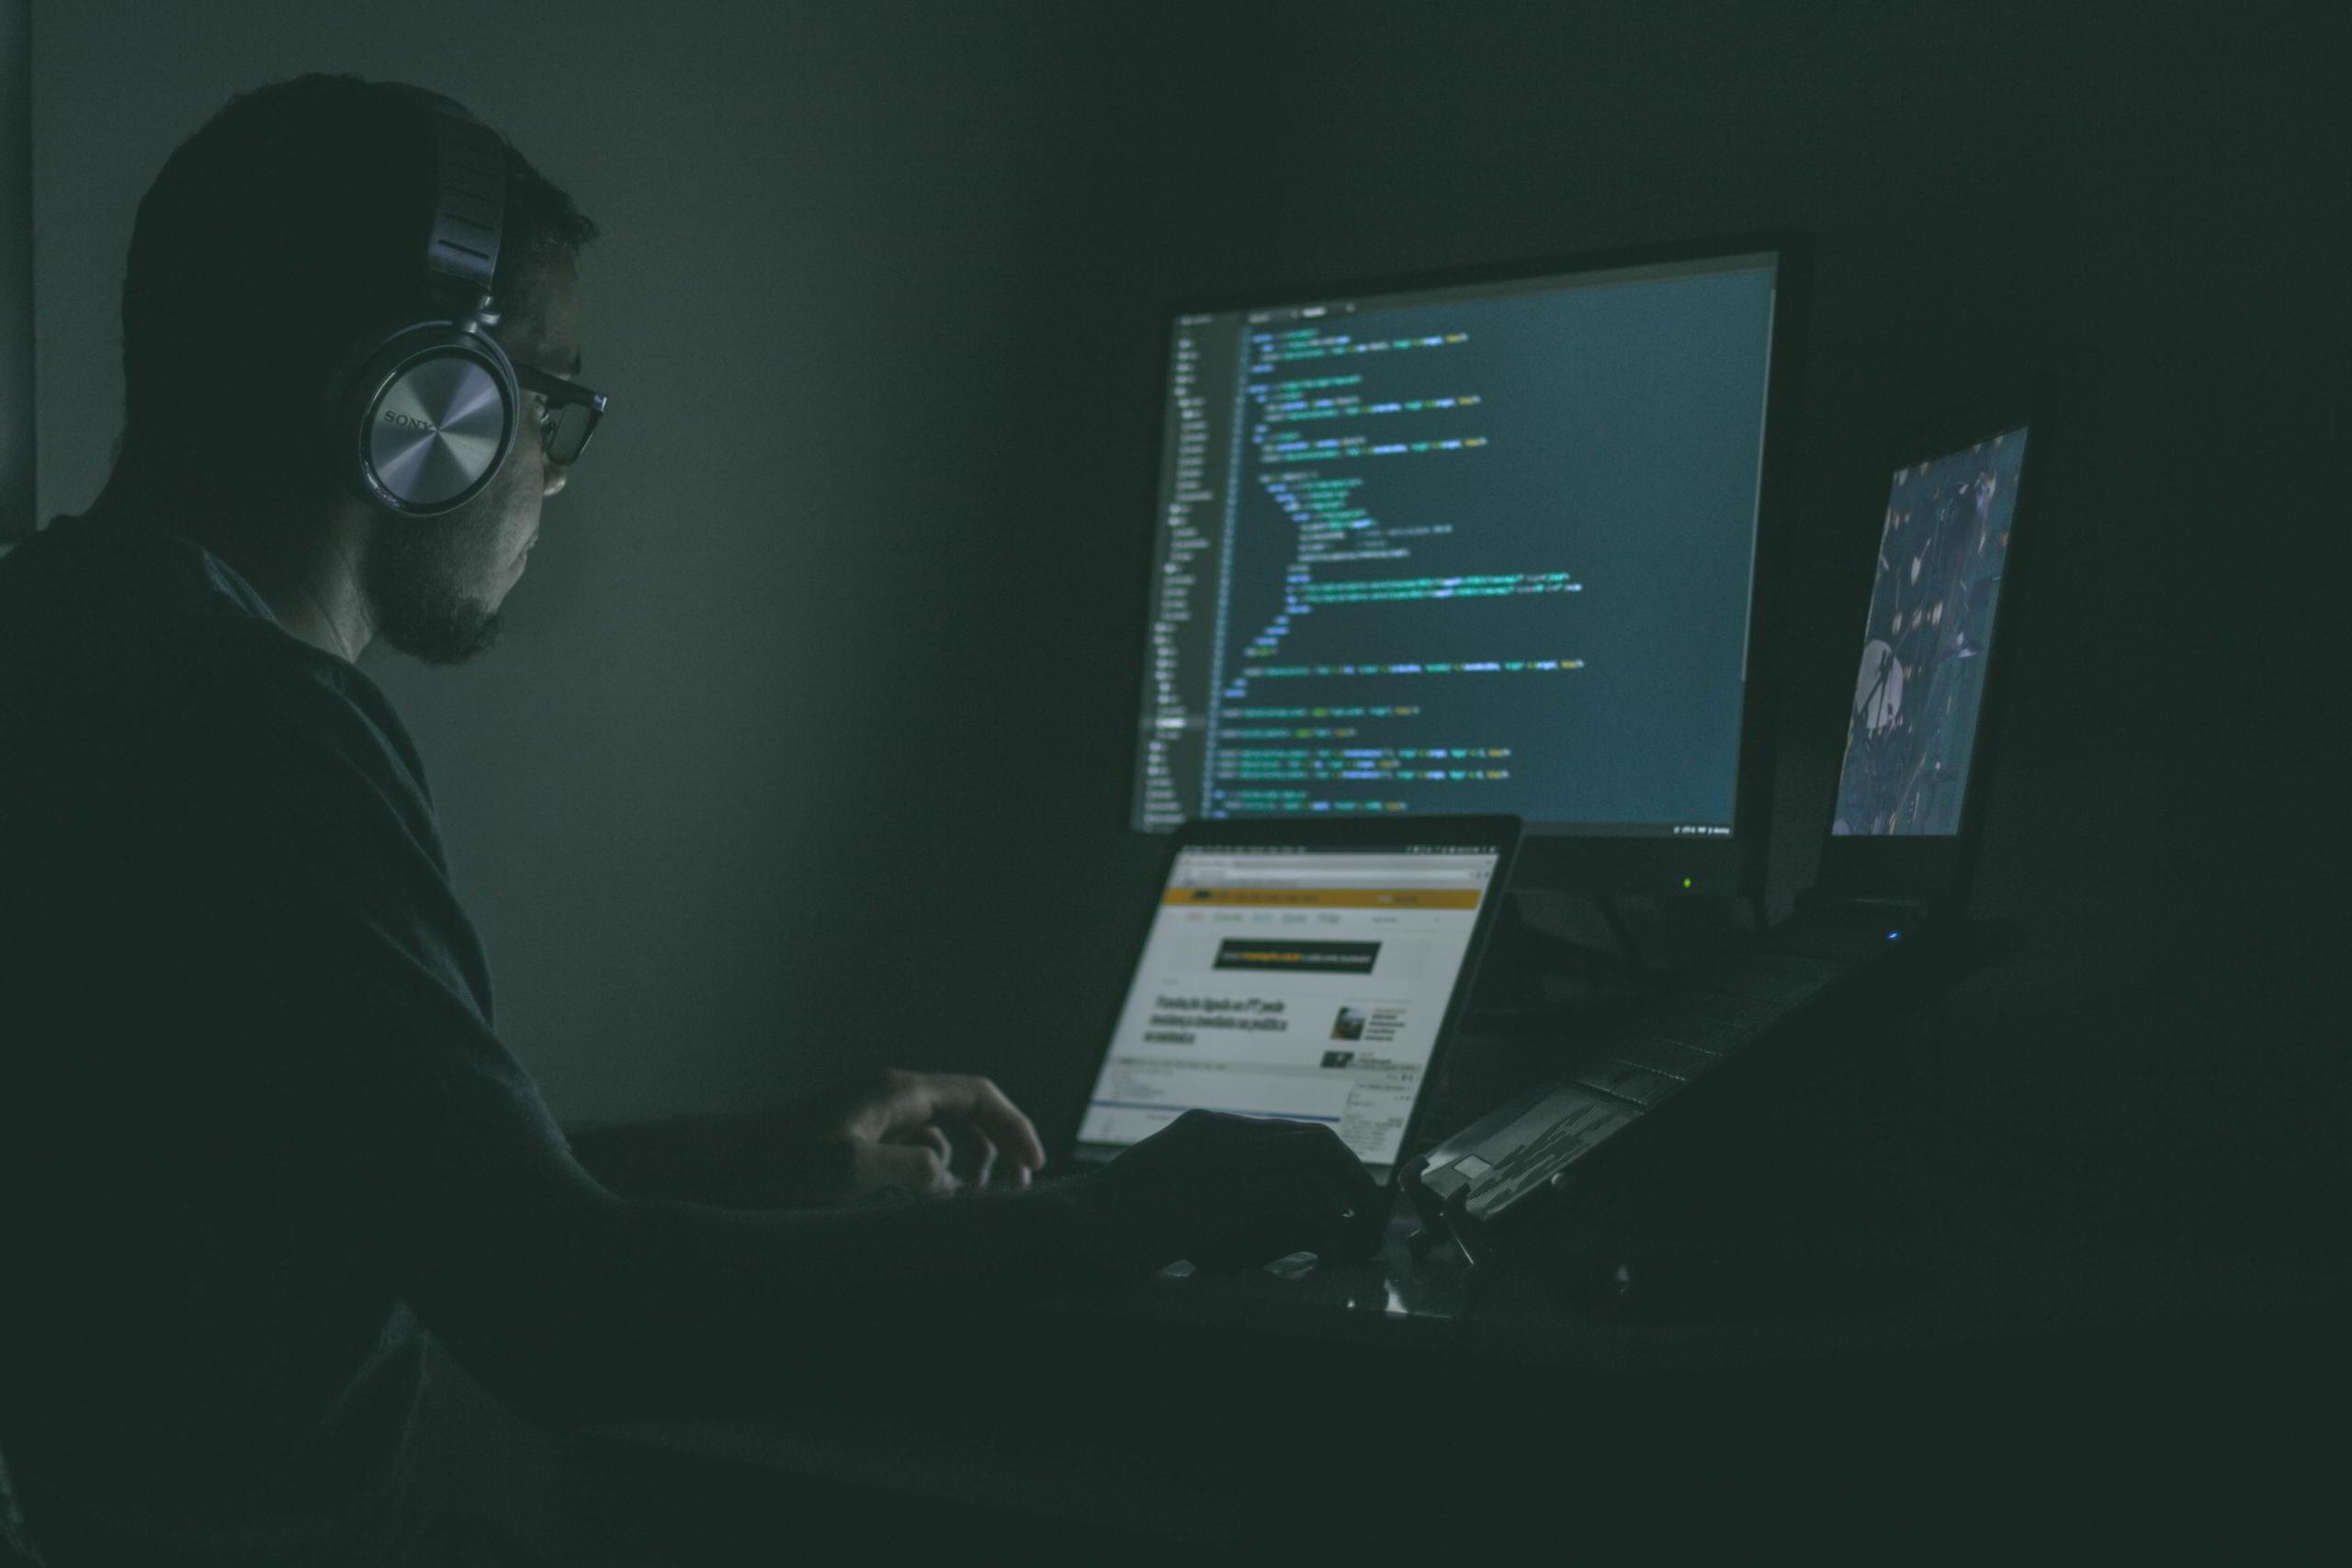 Mann mit Kopfhörern am Programmieren